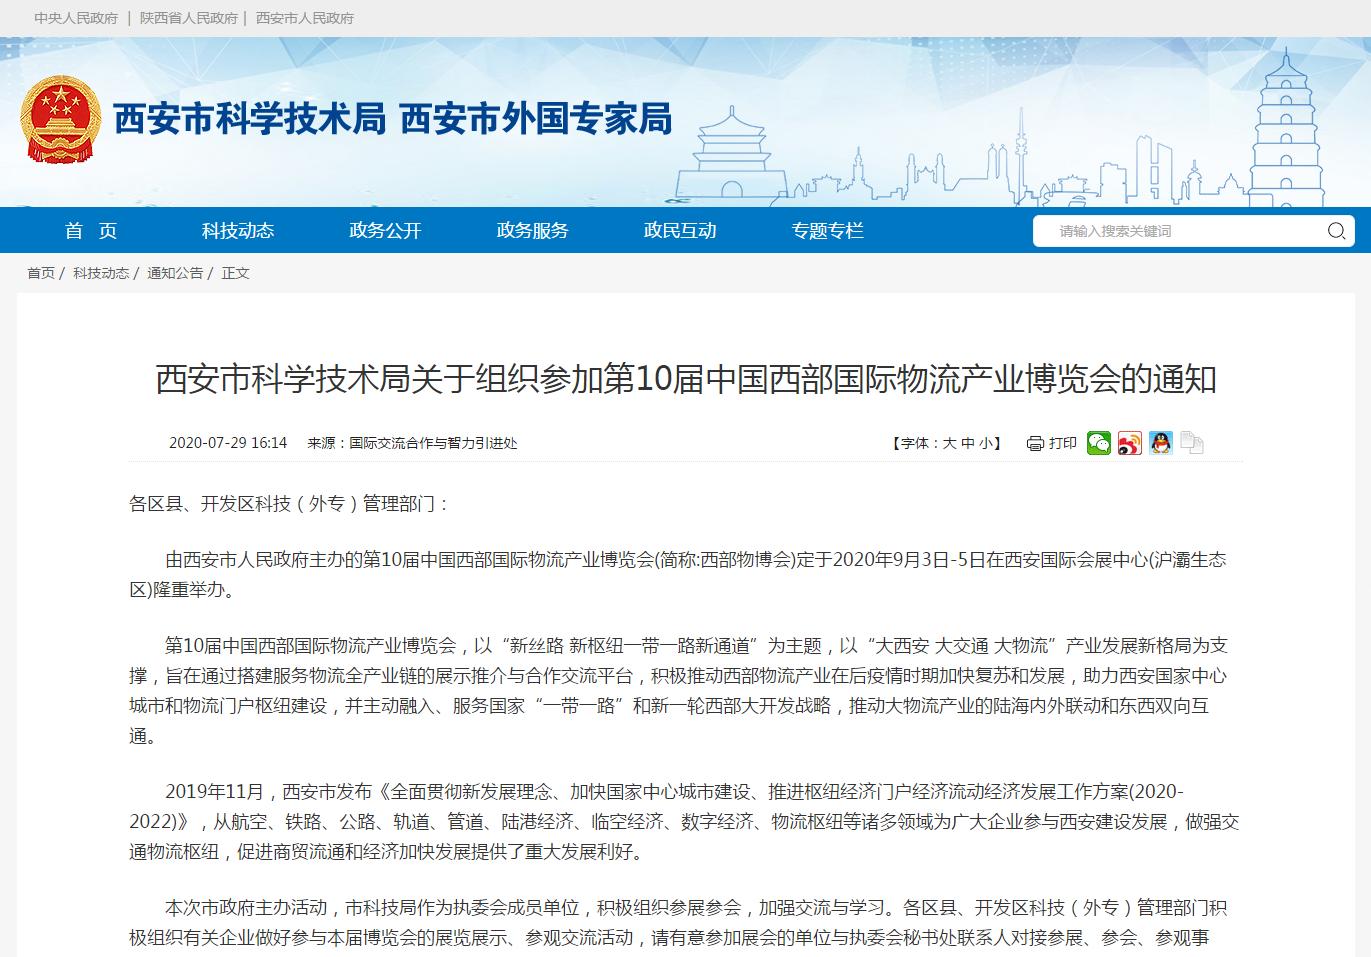 西安市科学技术局关于组织参加第10届中国西部国际物流产业博览会的通知.png